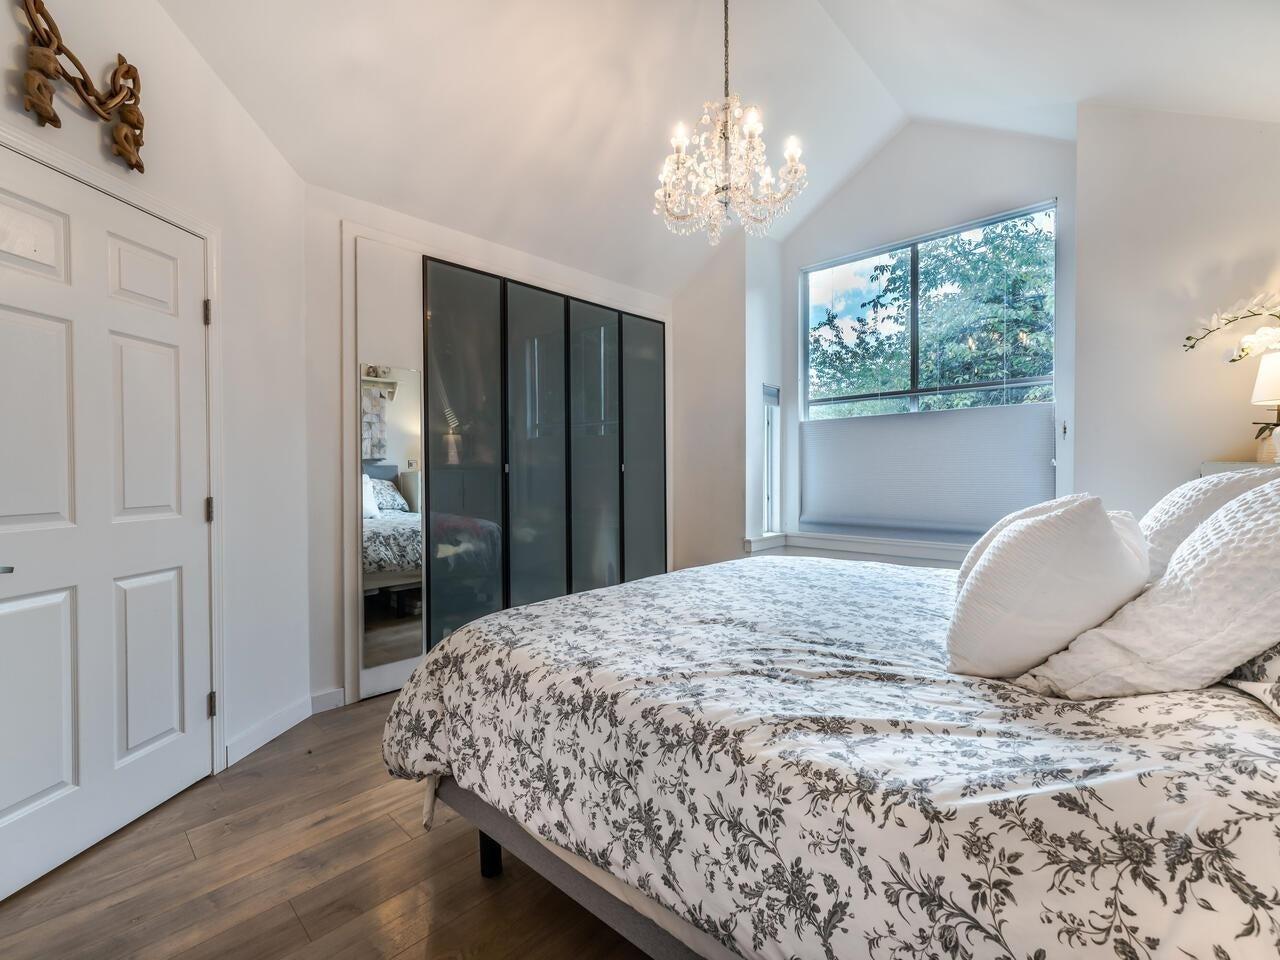 1231 E 11TH AVENUE - Mount Pleasant VE 1/2 Duplex for sale, 3 Bedrooms (R2625828) - #24